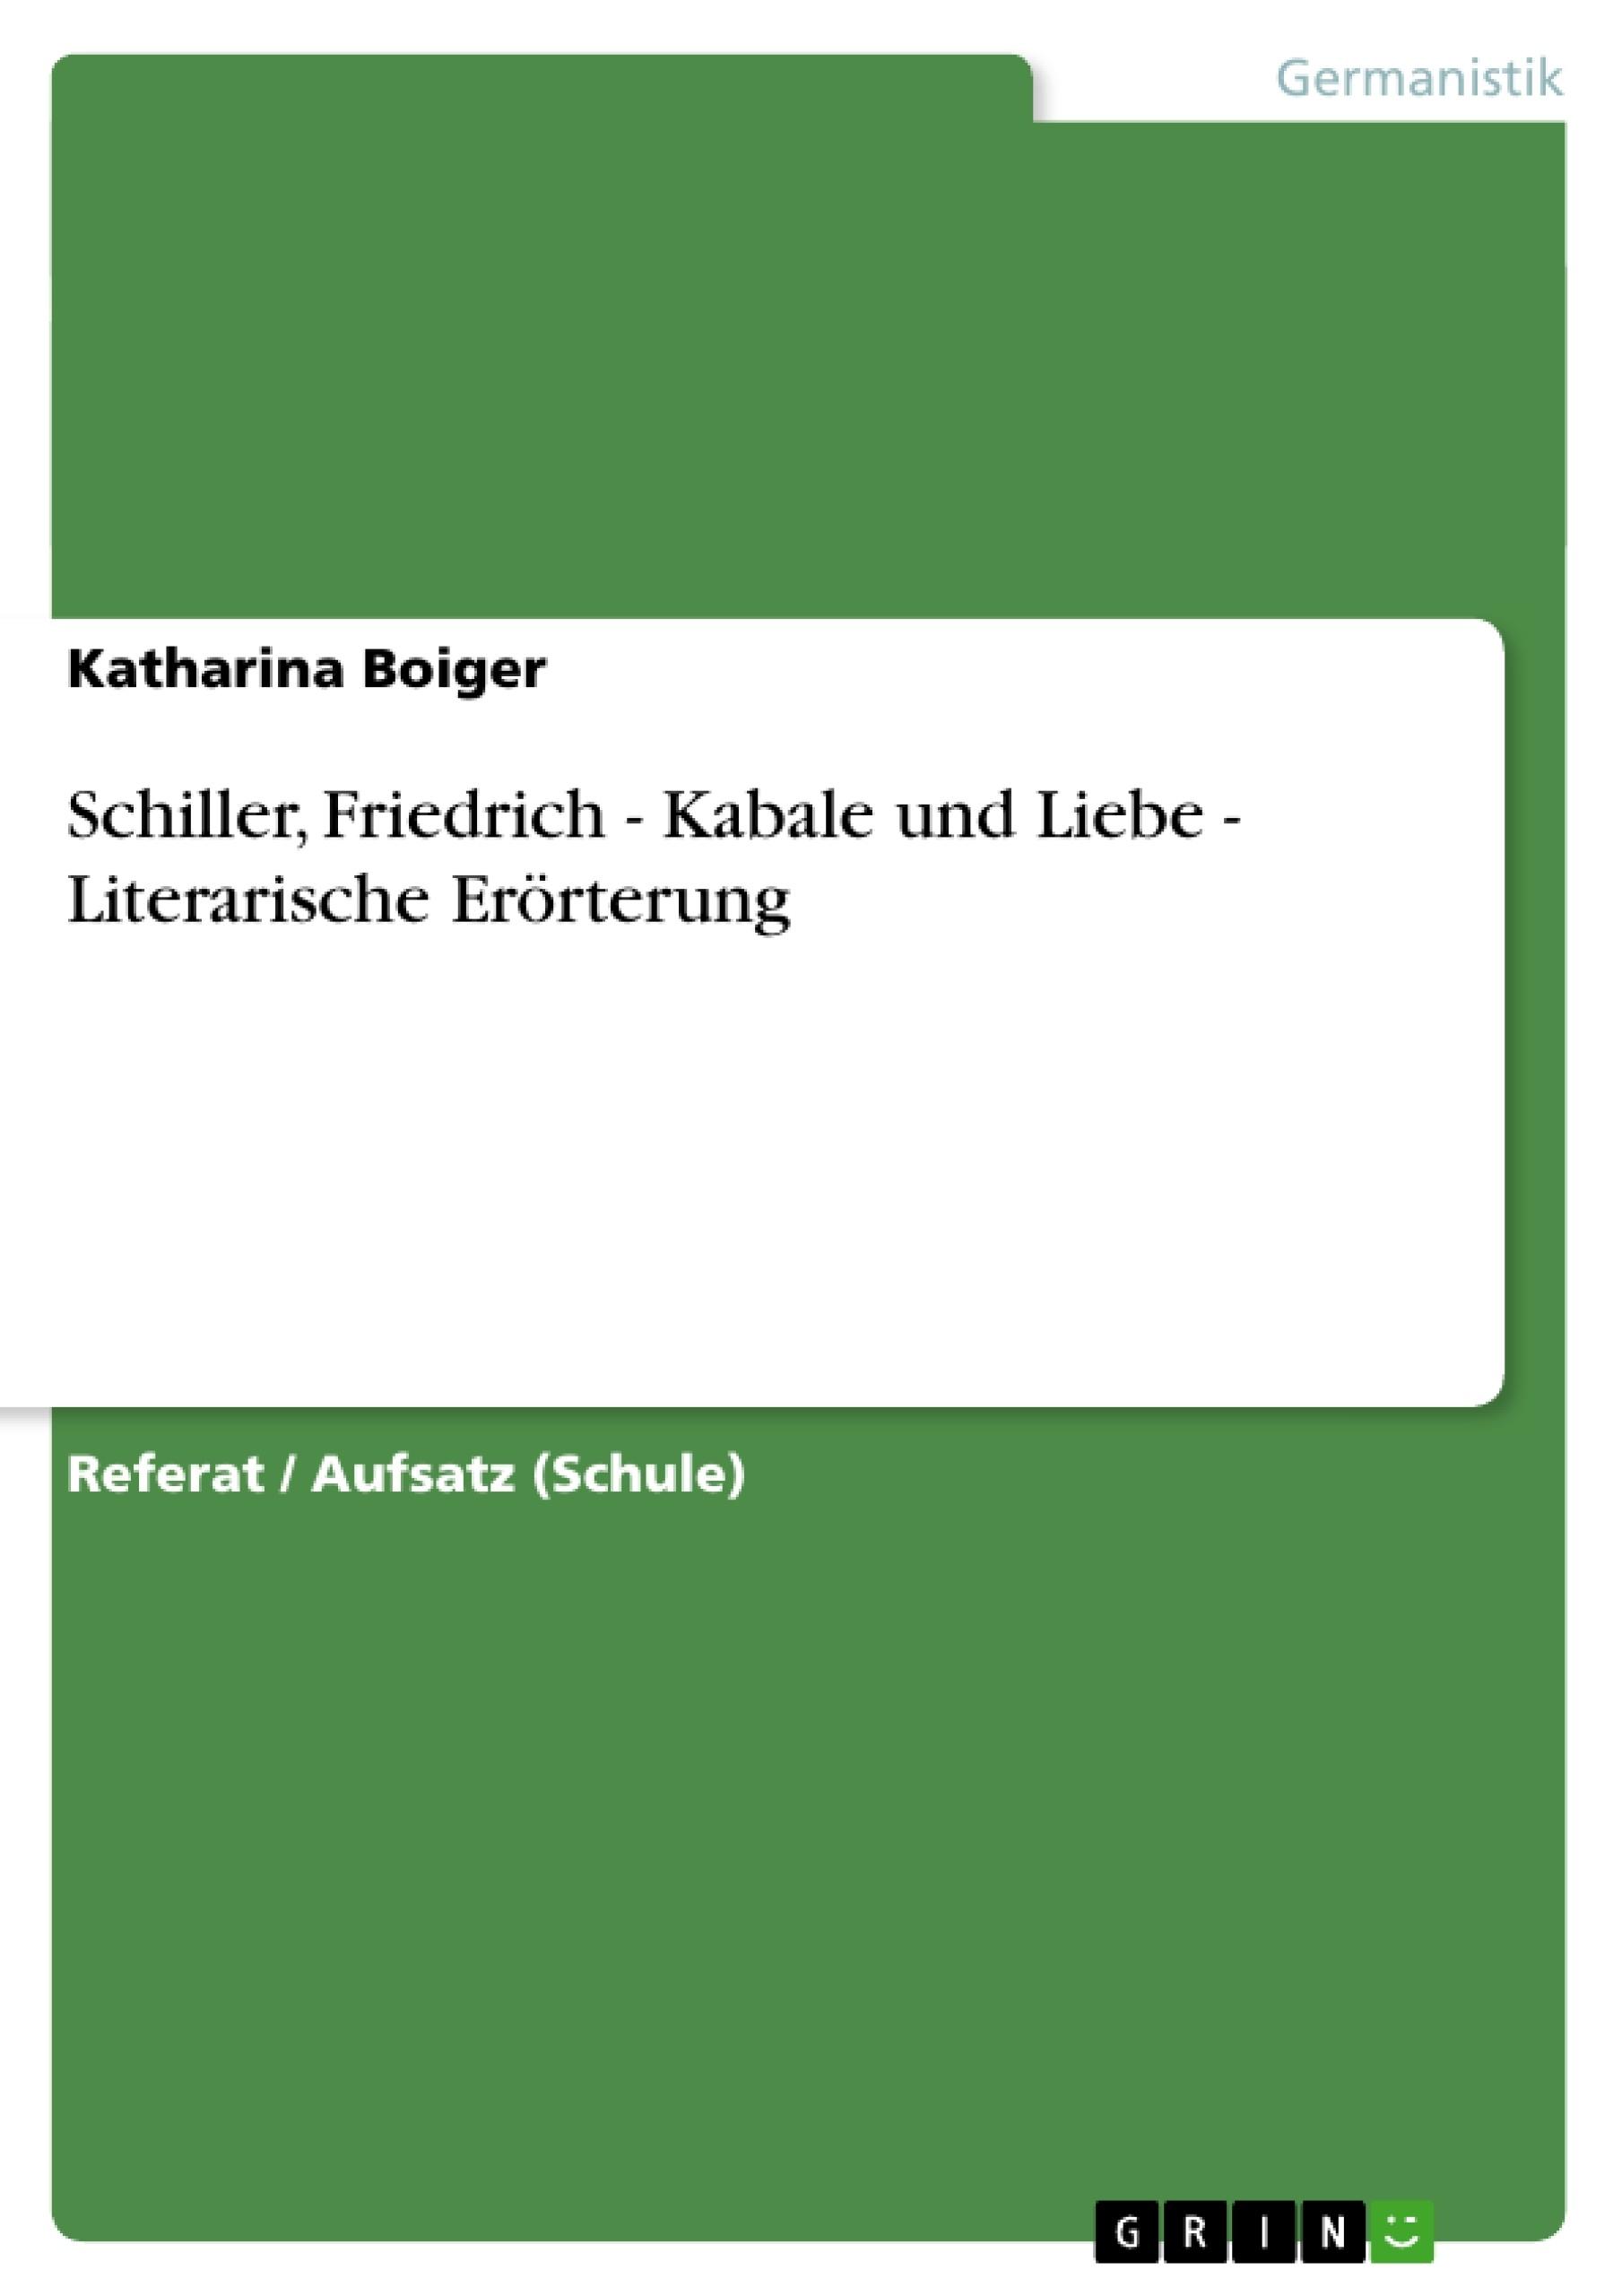 Titel: Schiller, Friedrich - Kabale und Liebe - Literarische Erörterung